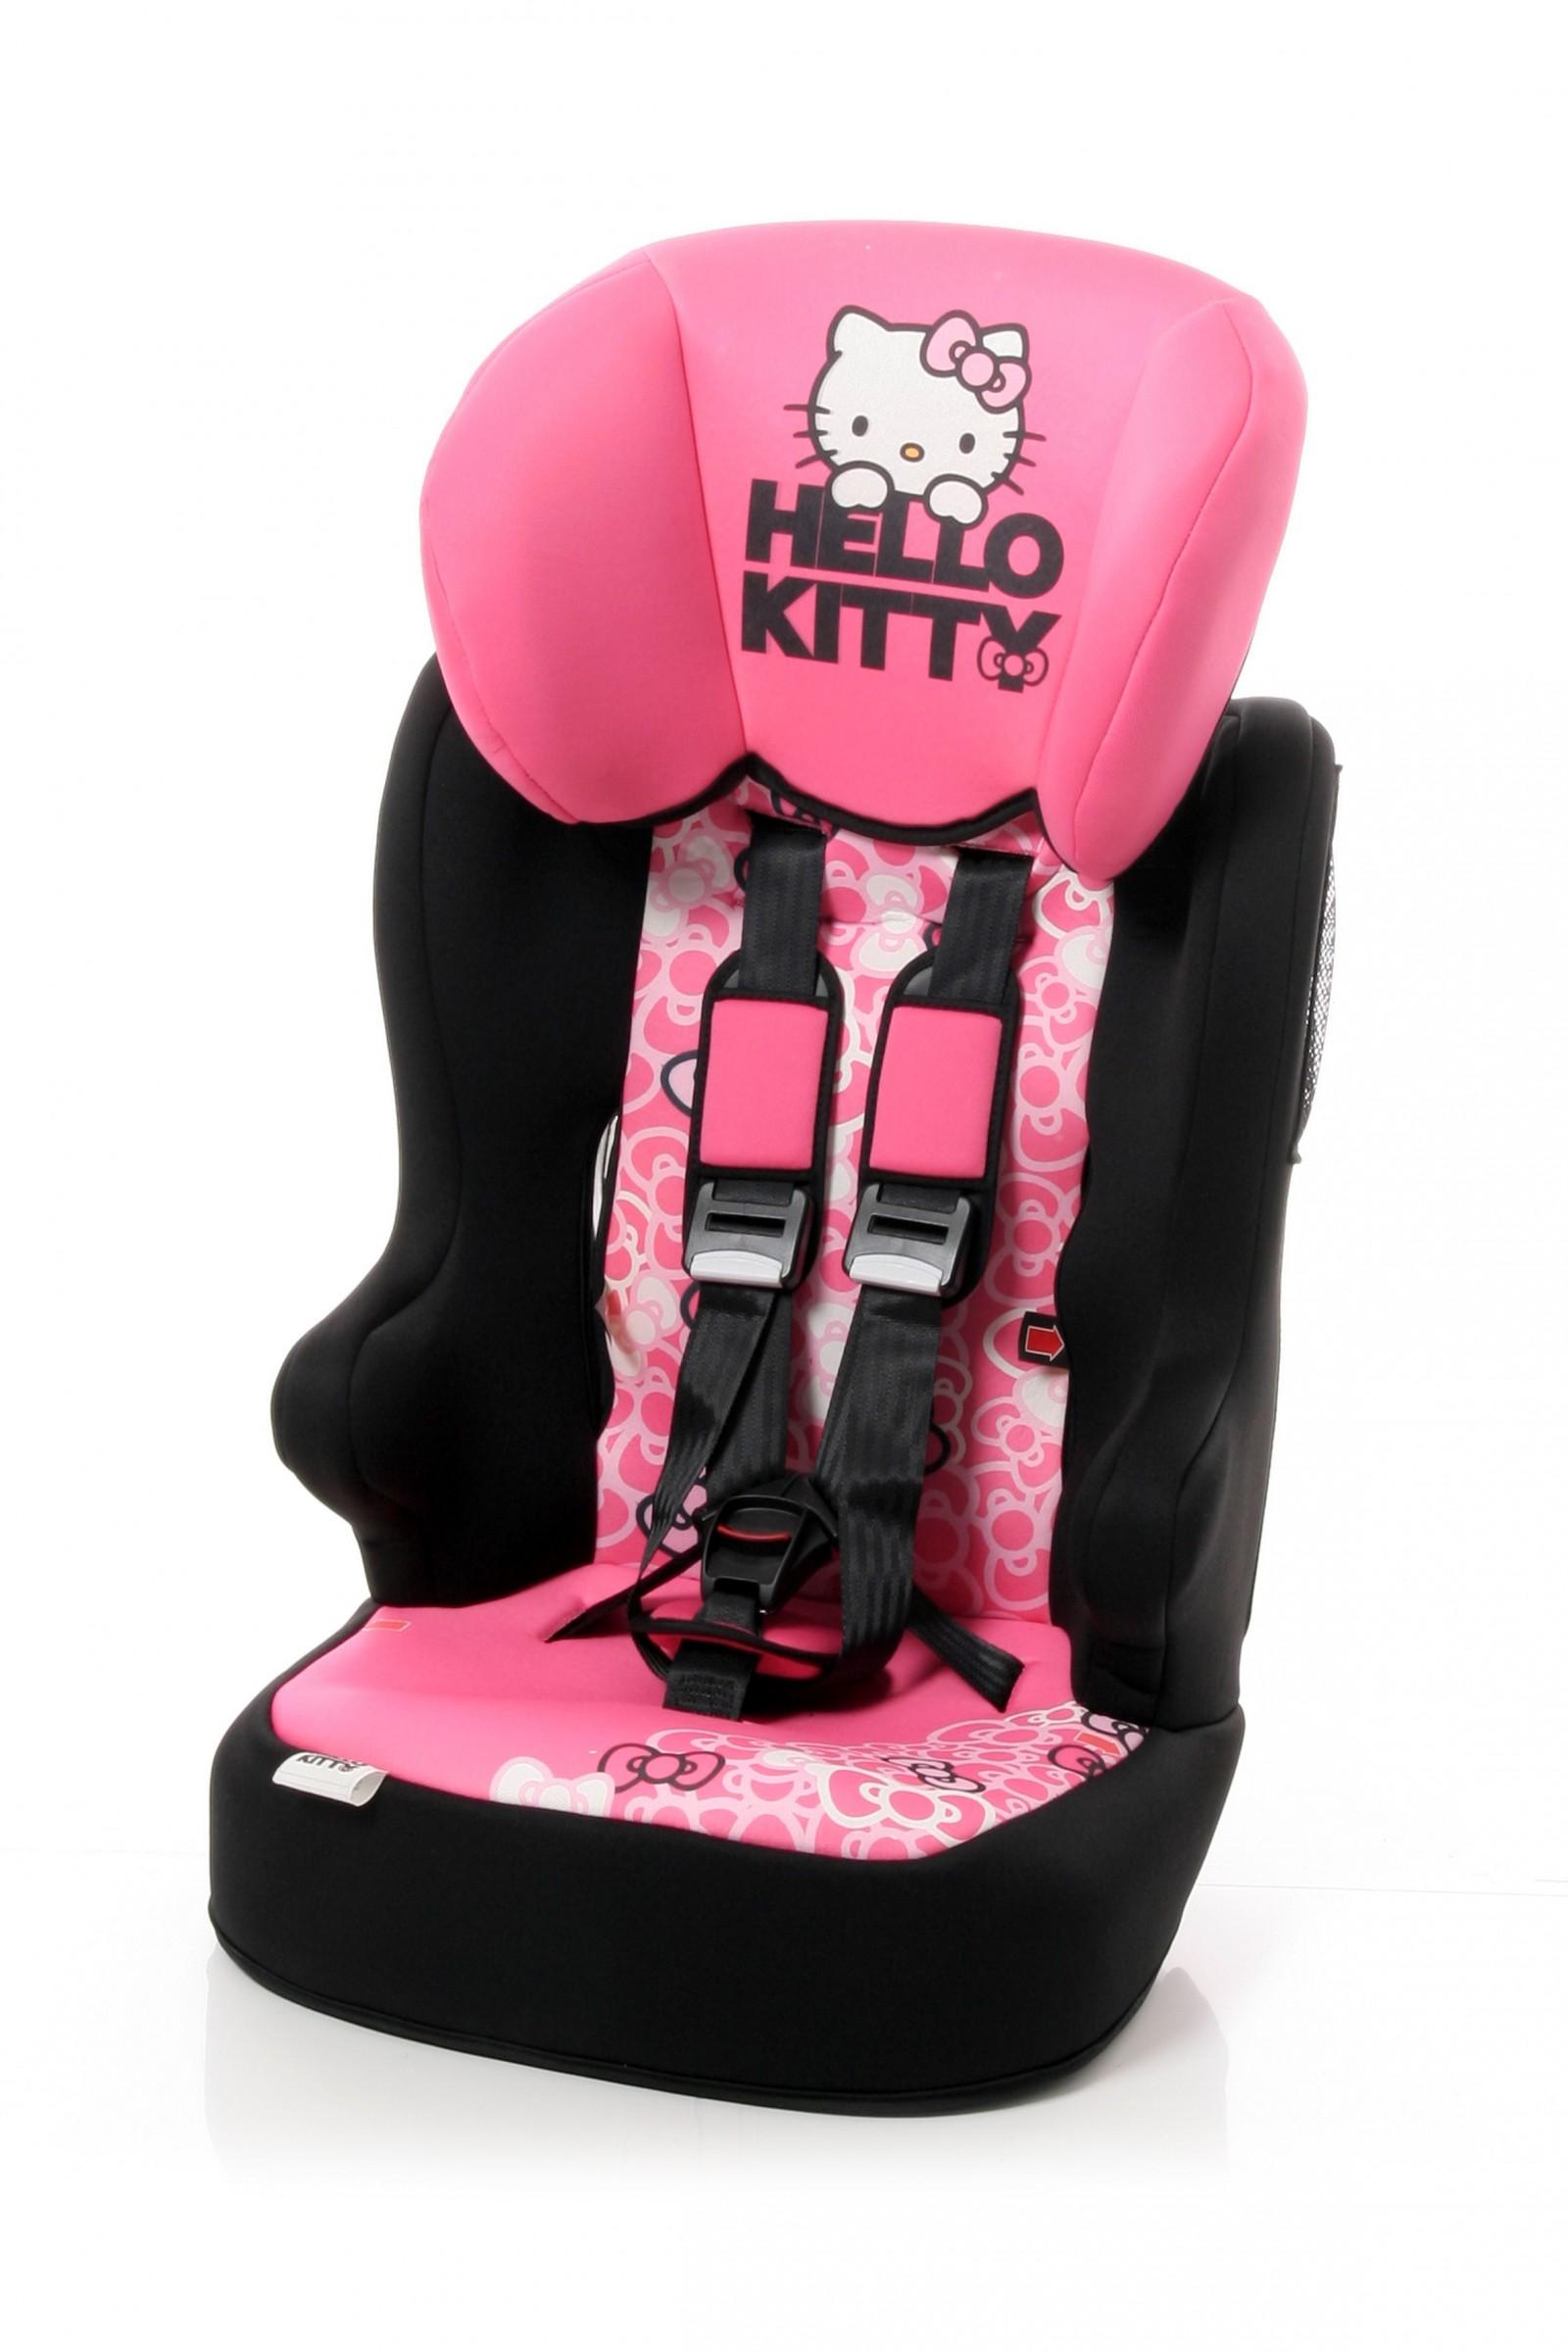 Osann Kindersitz RacerSP Hello Kitty